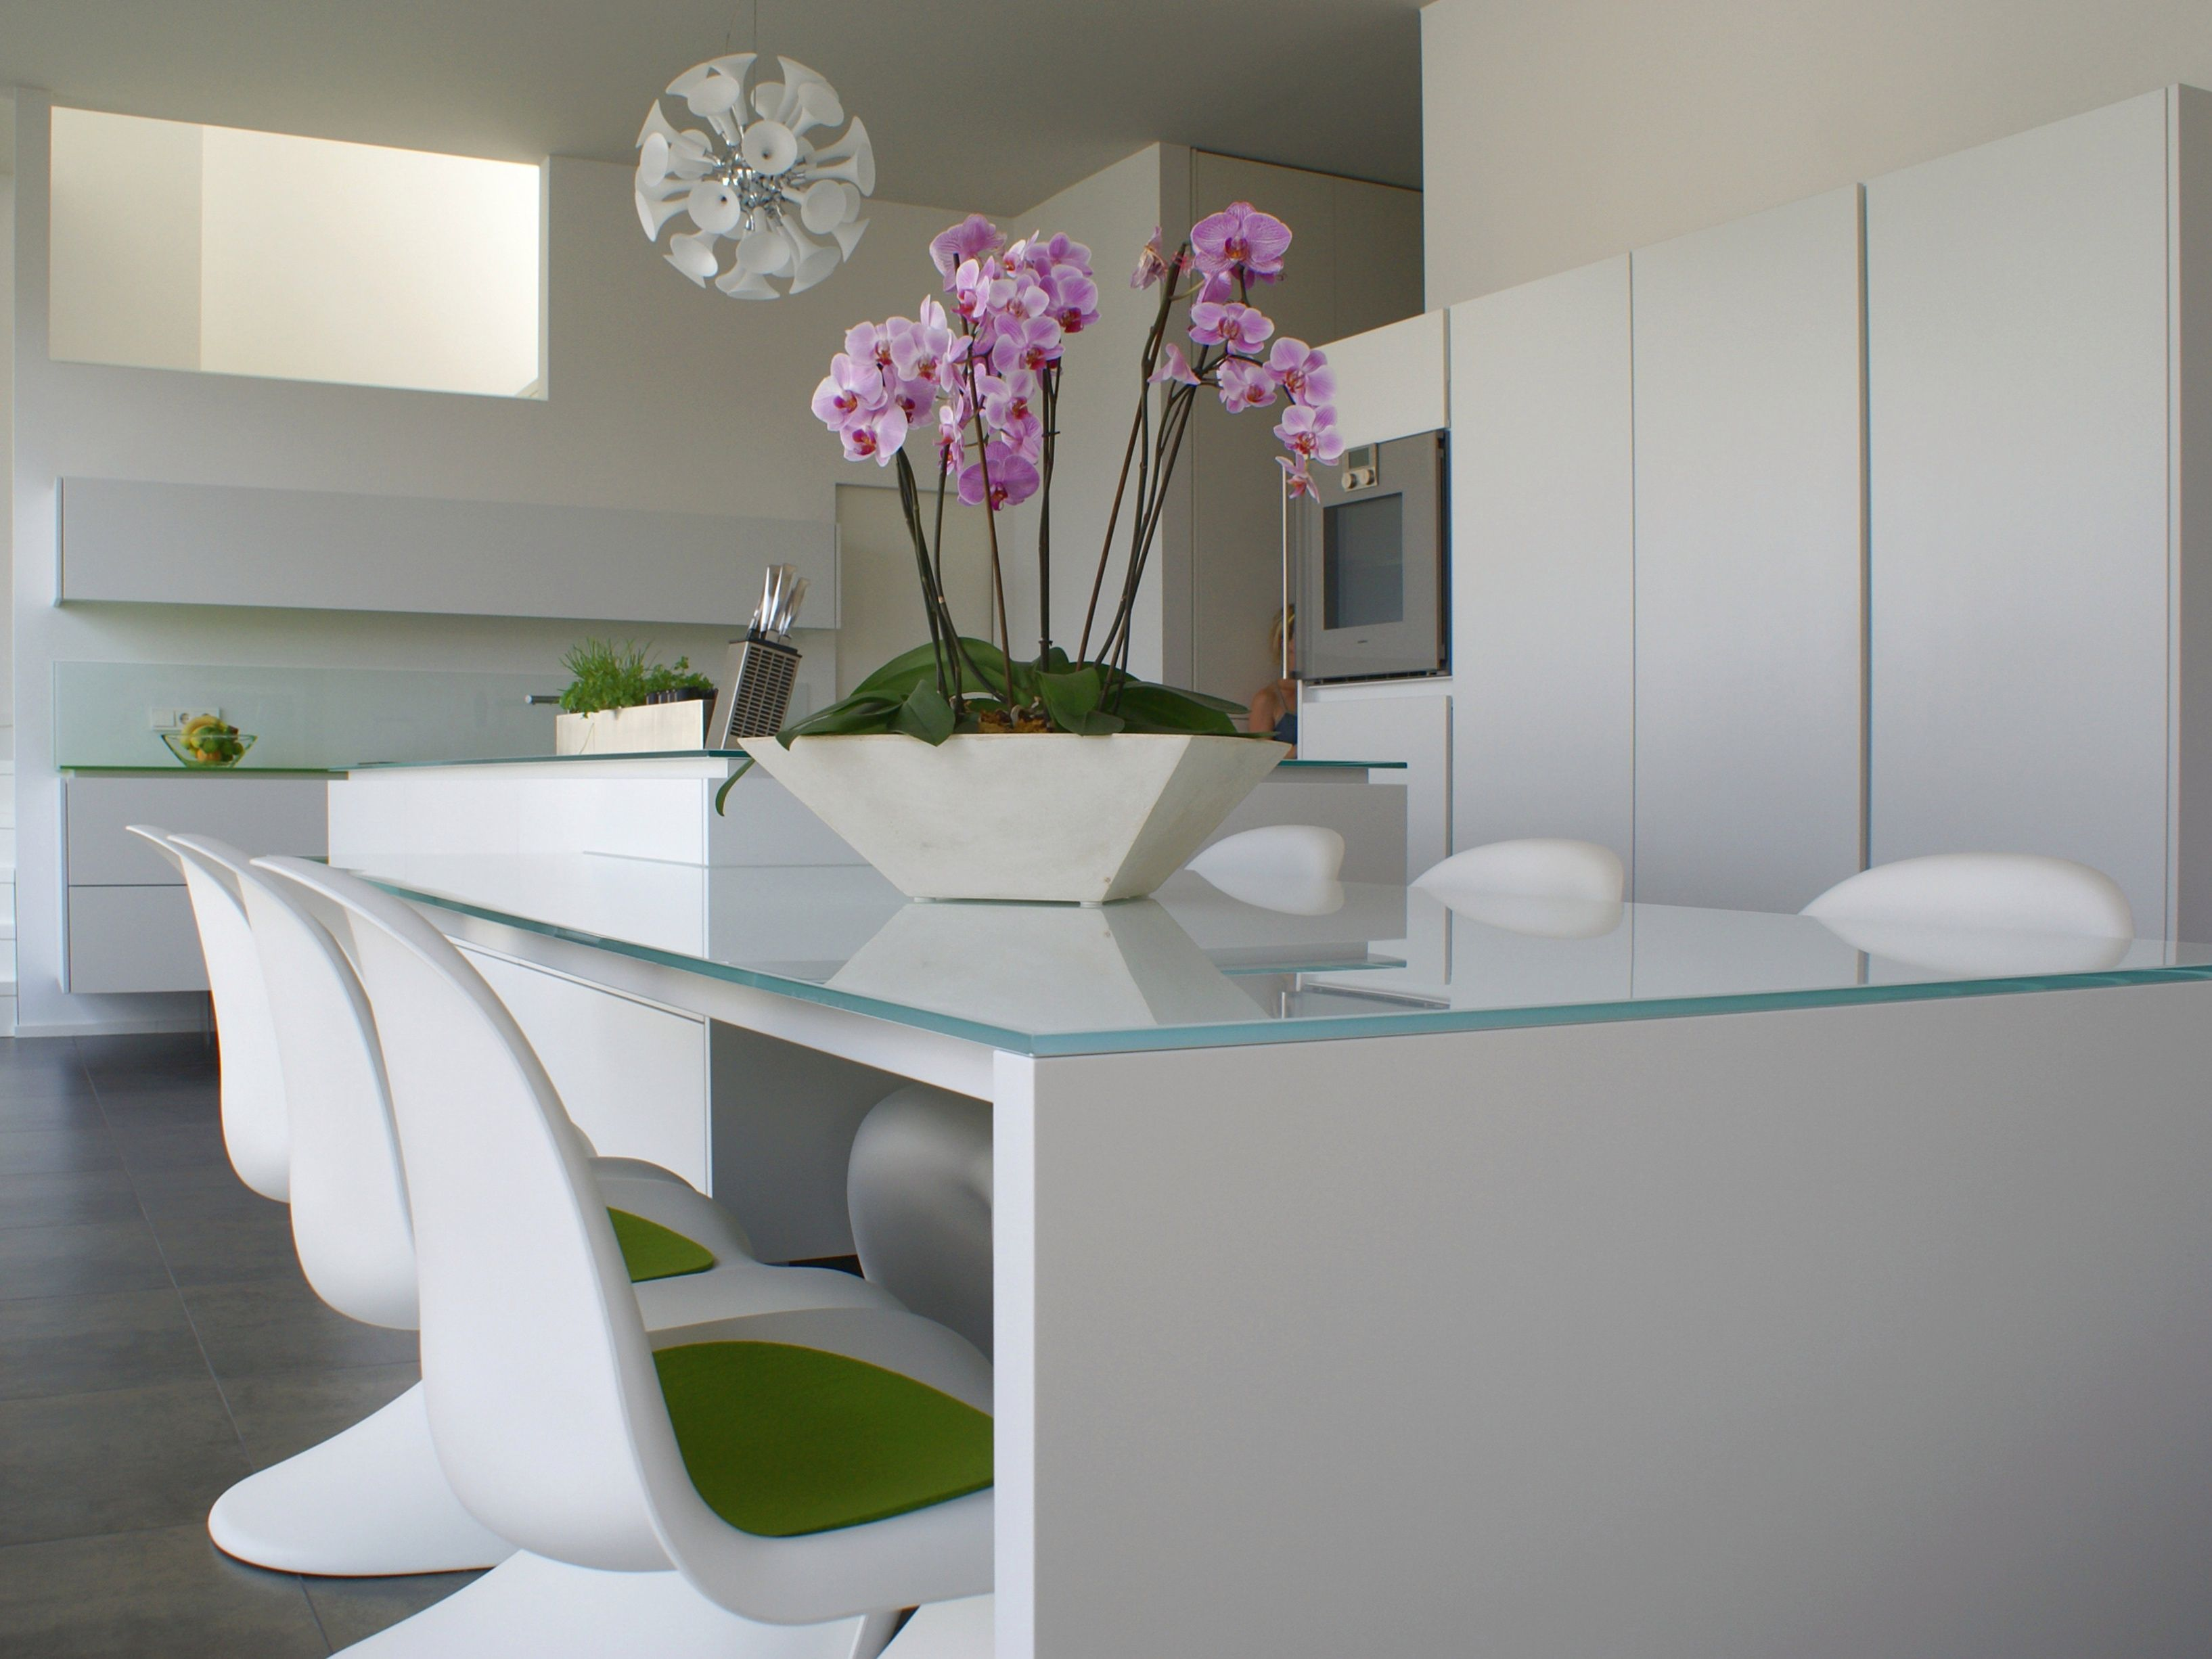 Wohnungsausbau, Einbauküche, Einbauschränke, weiß lackiert